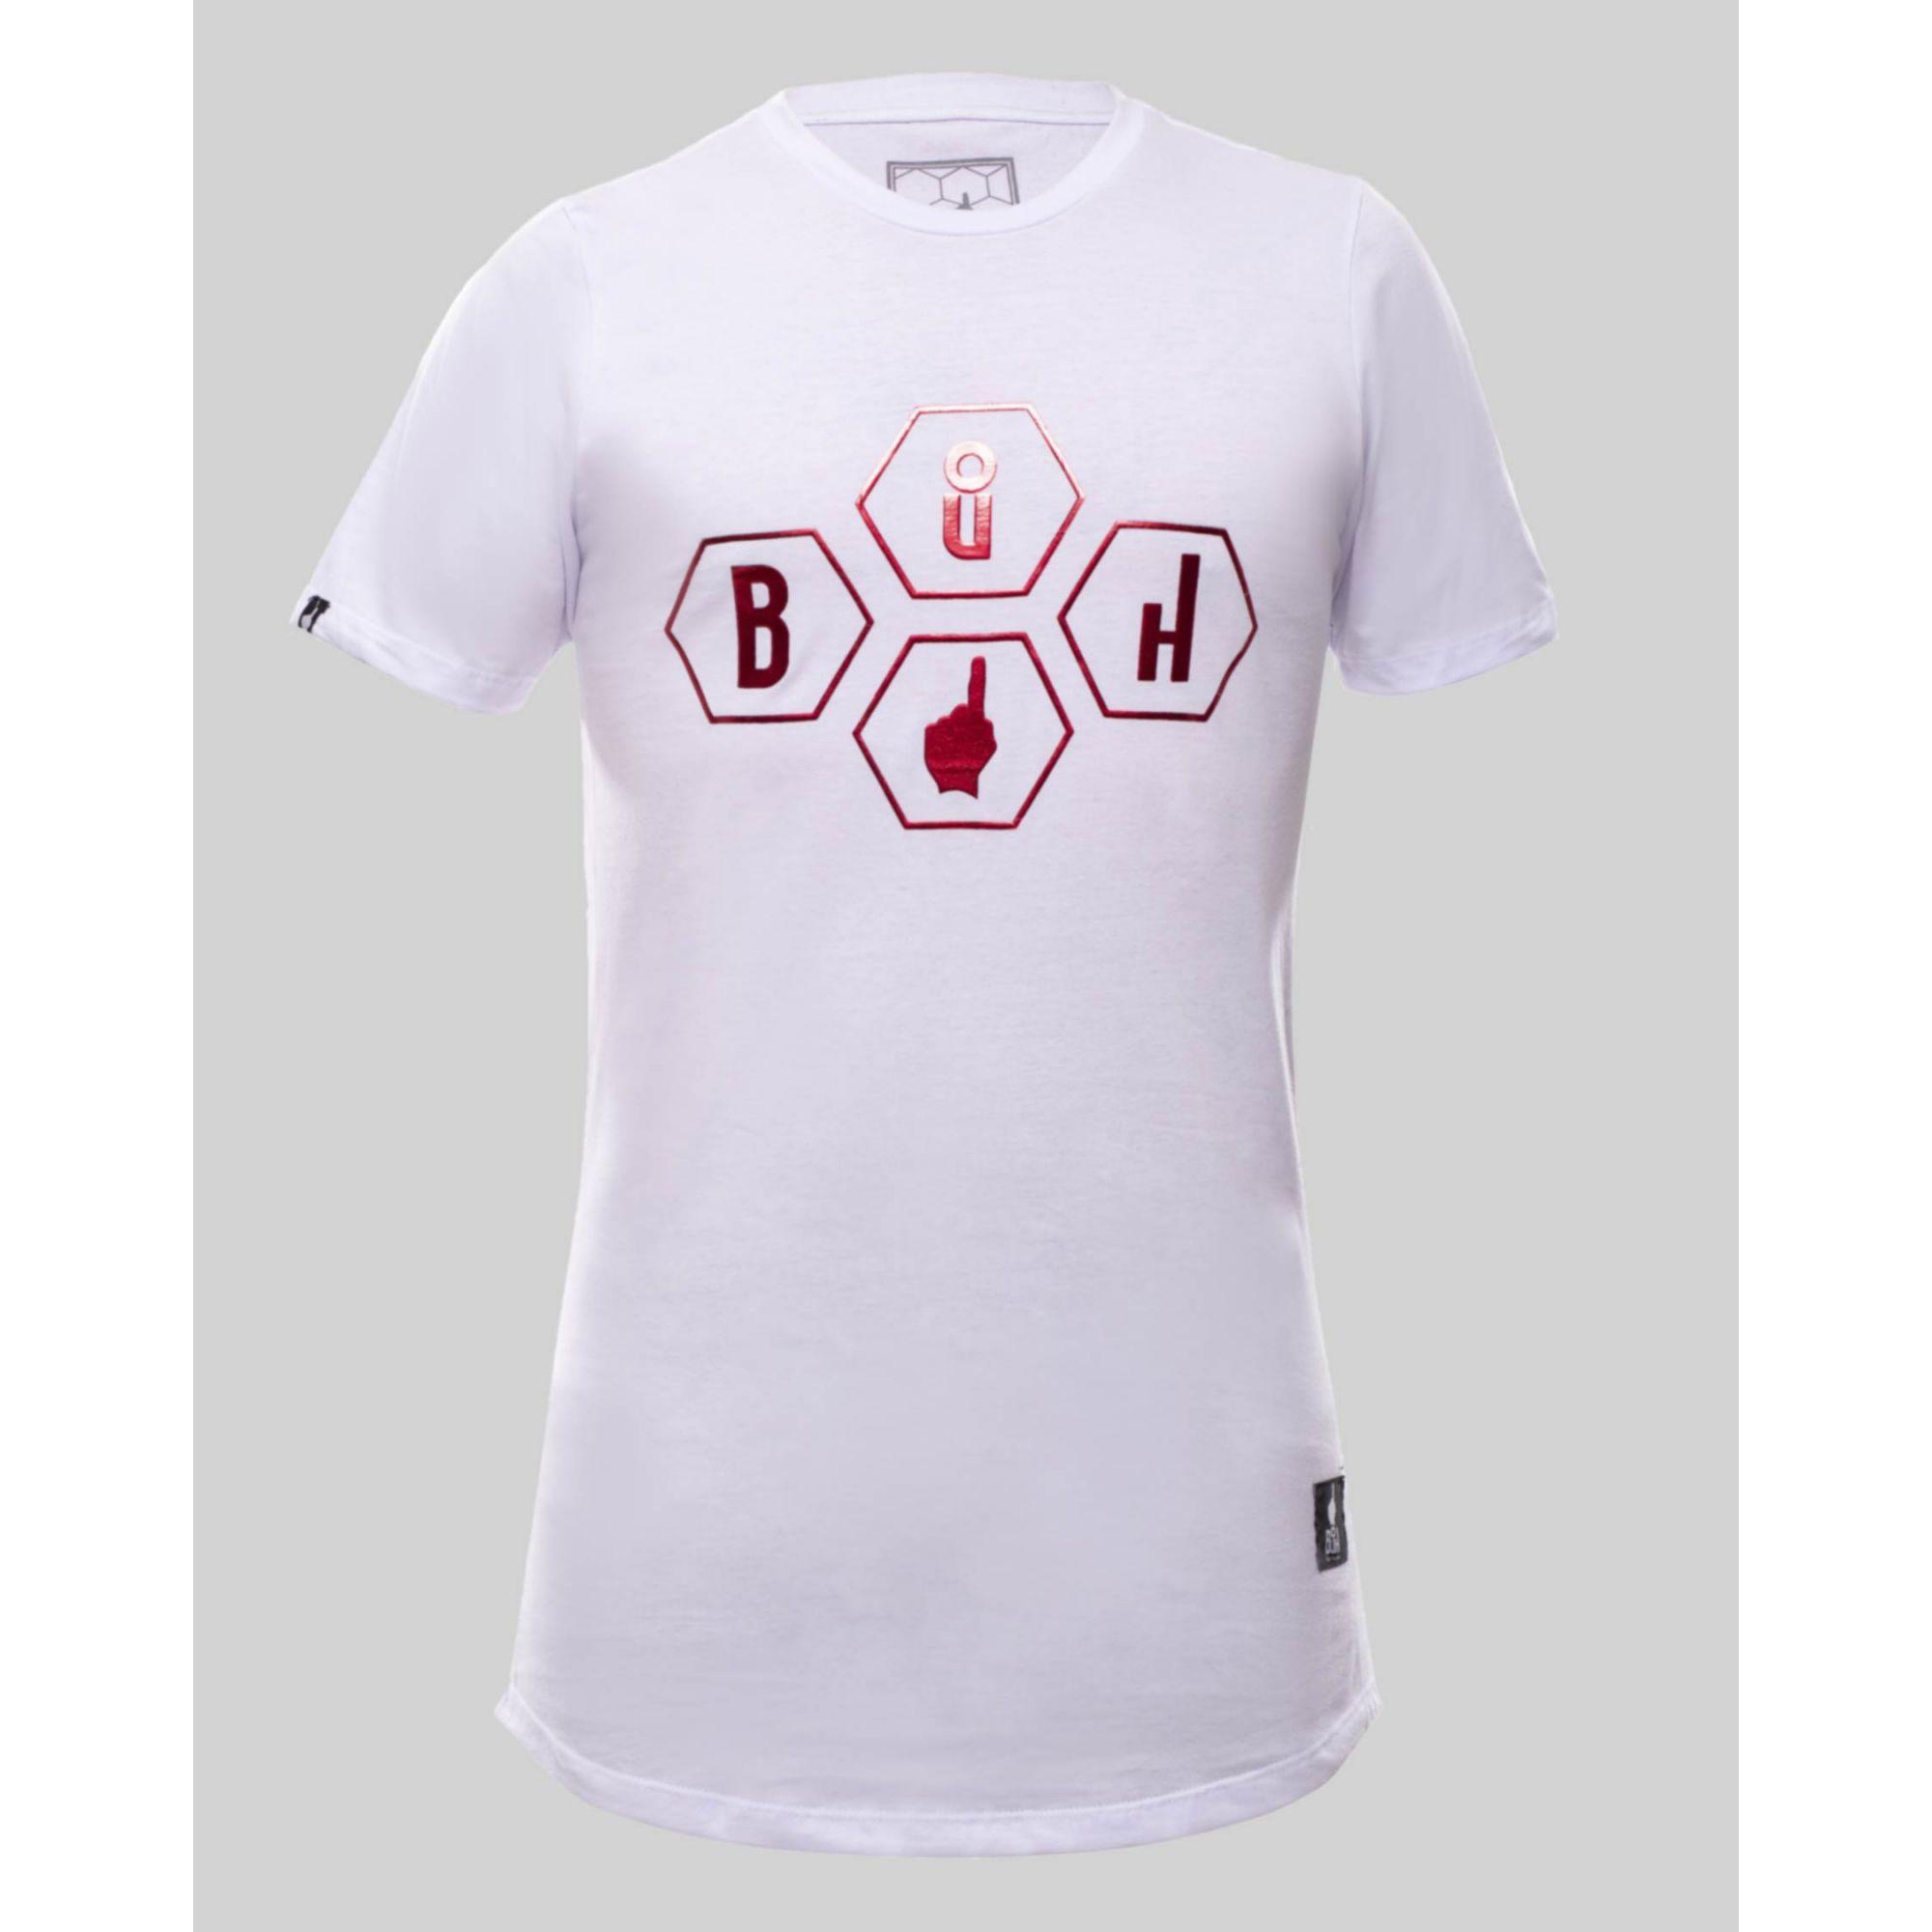 Camiseta Buh Gomos Relevo White